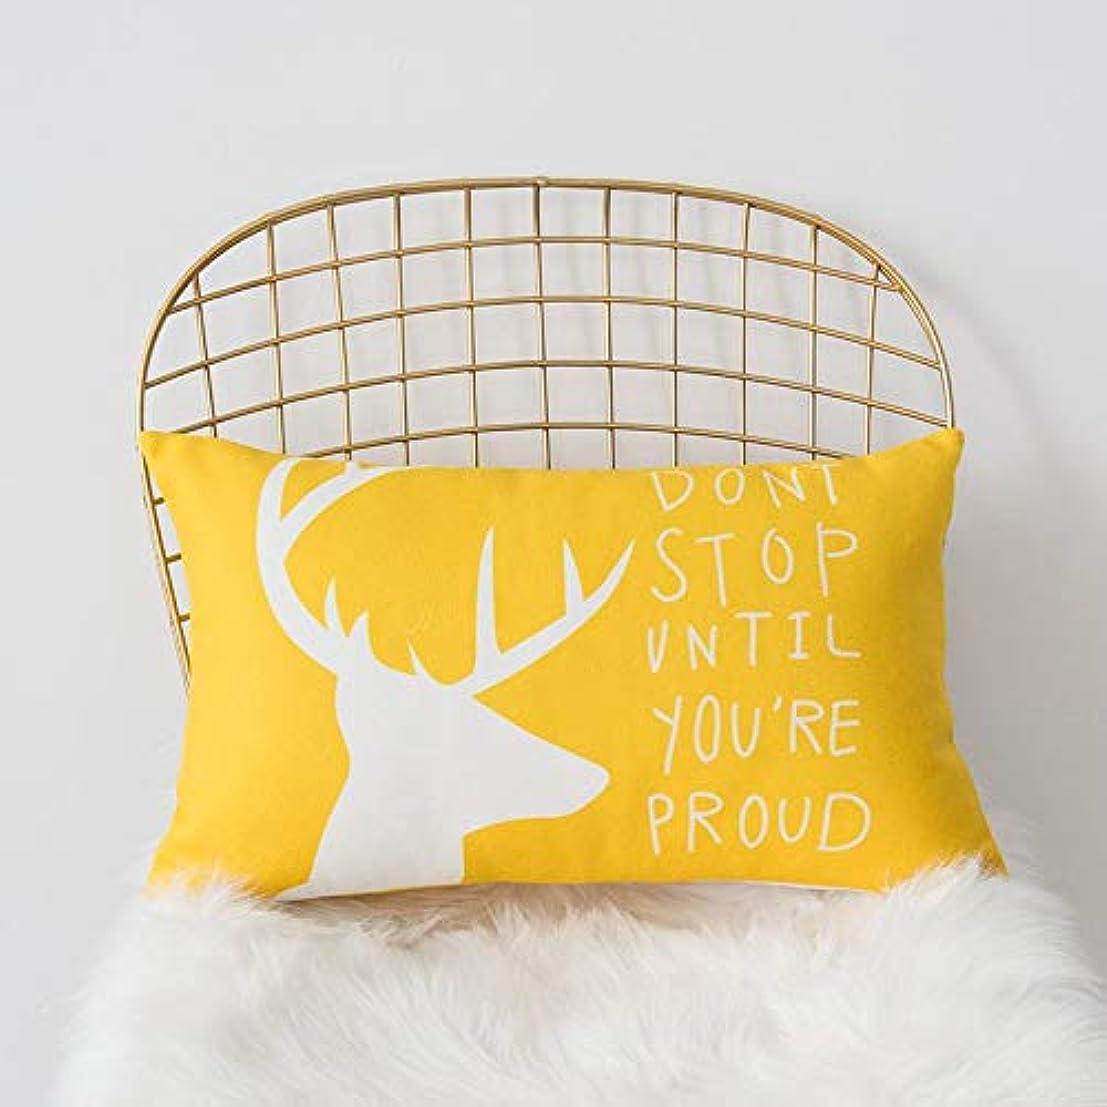 コロニーイベント統計的SMART 黄色グレー枕北欧スタイル黄色ヘラジカ幾何枕リビングルームのインテリアソファクッション Cojines 装飾良質 クッション 椅子